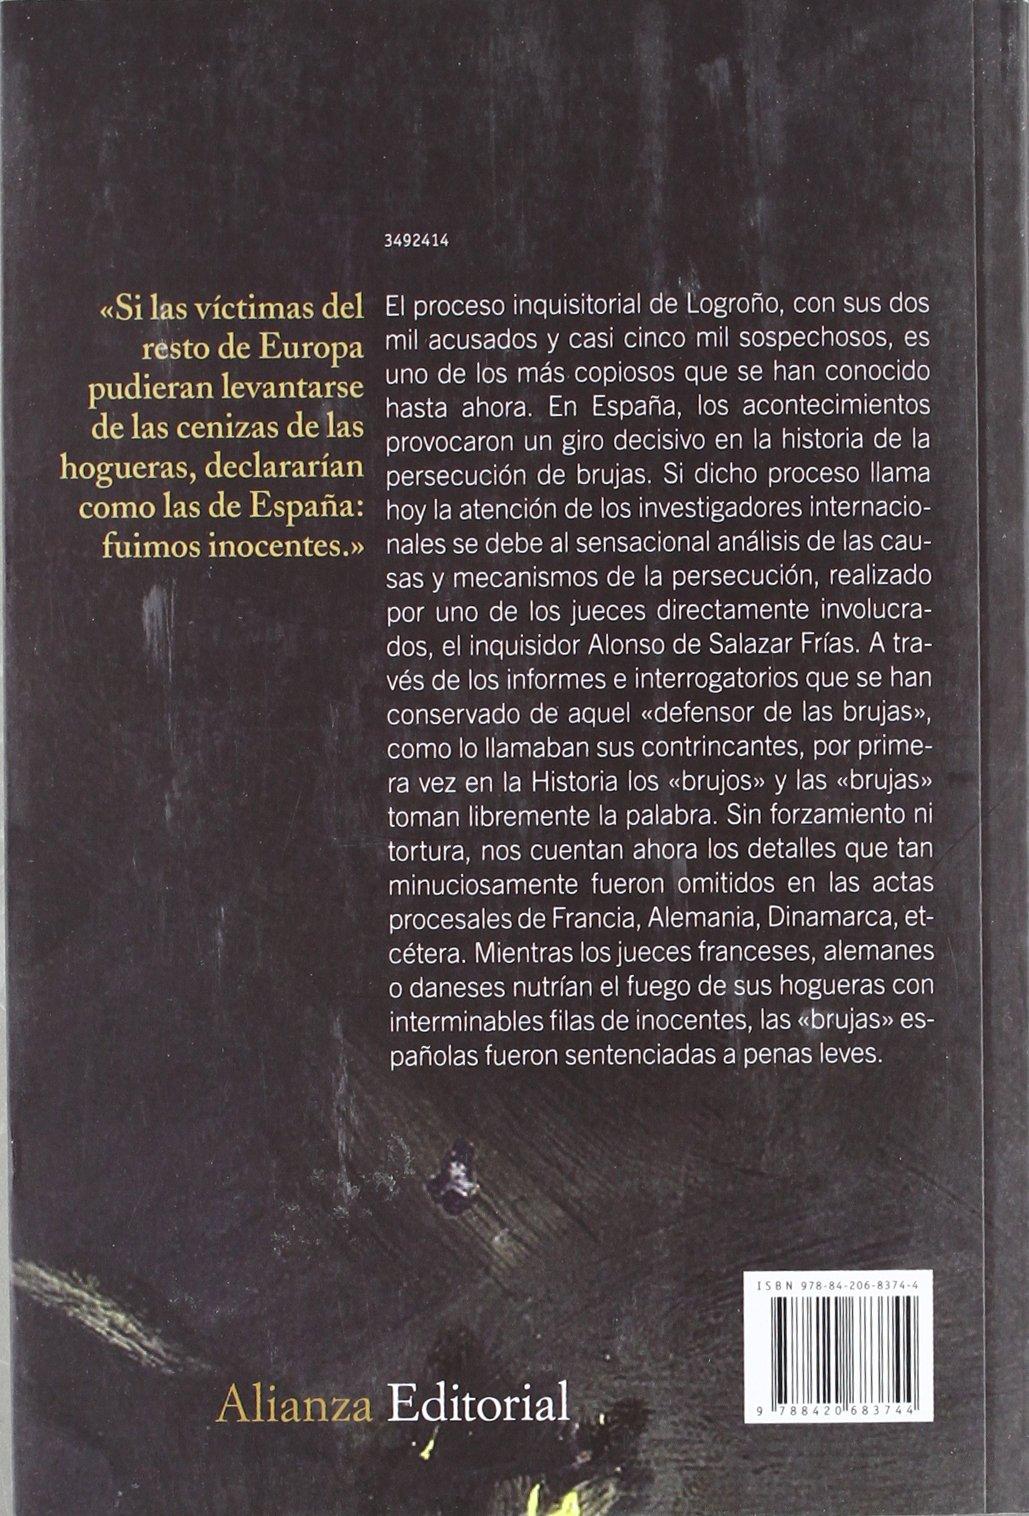 El abogado de las brujas: Brujería vasca e Inquisición española Alianza Ensayo: Amazon.es: Gustav Henningsen, Marisa Rey-Henningsen: Libros